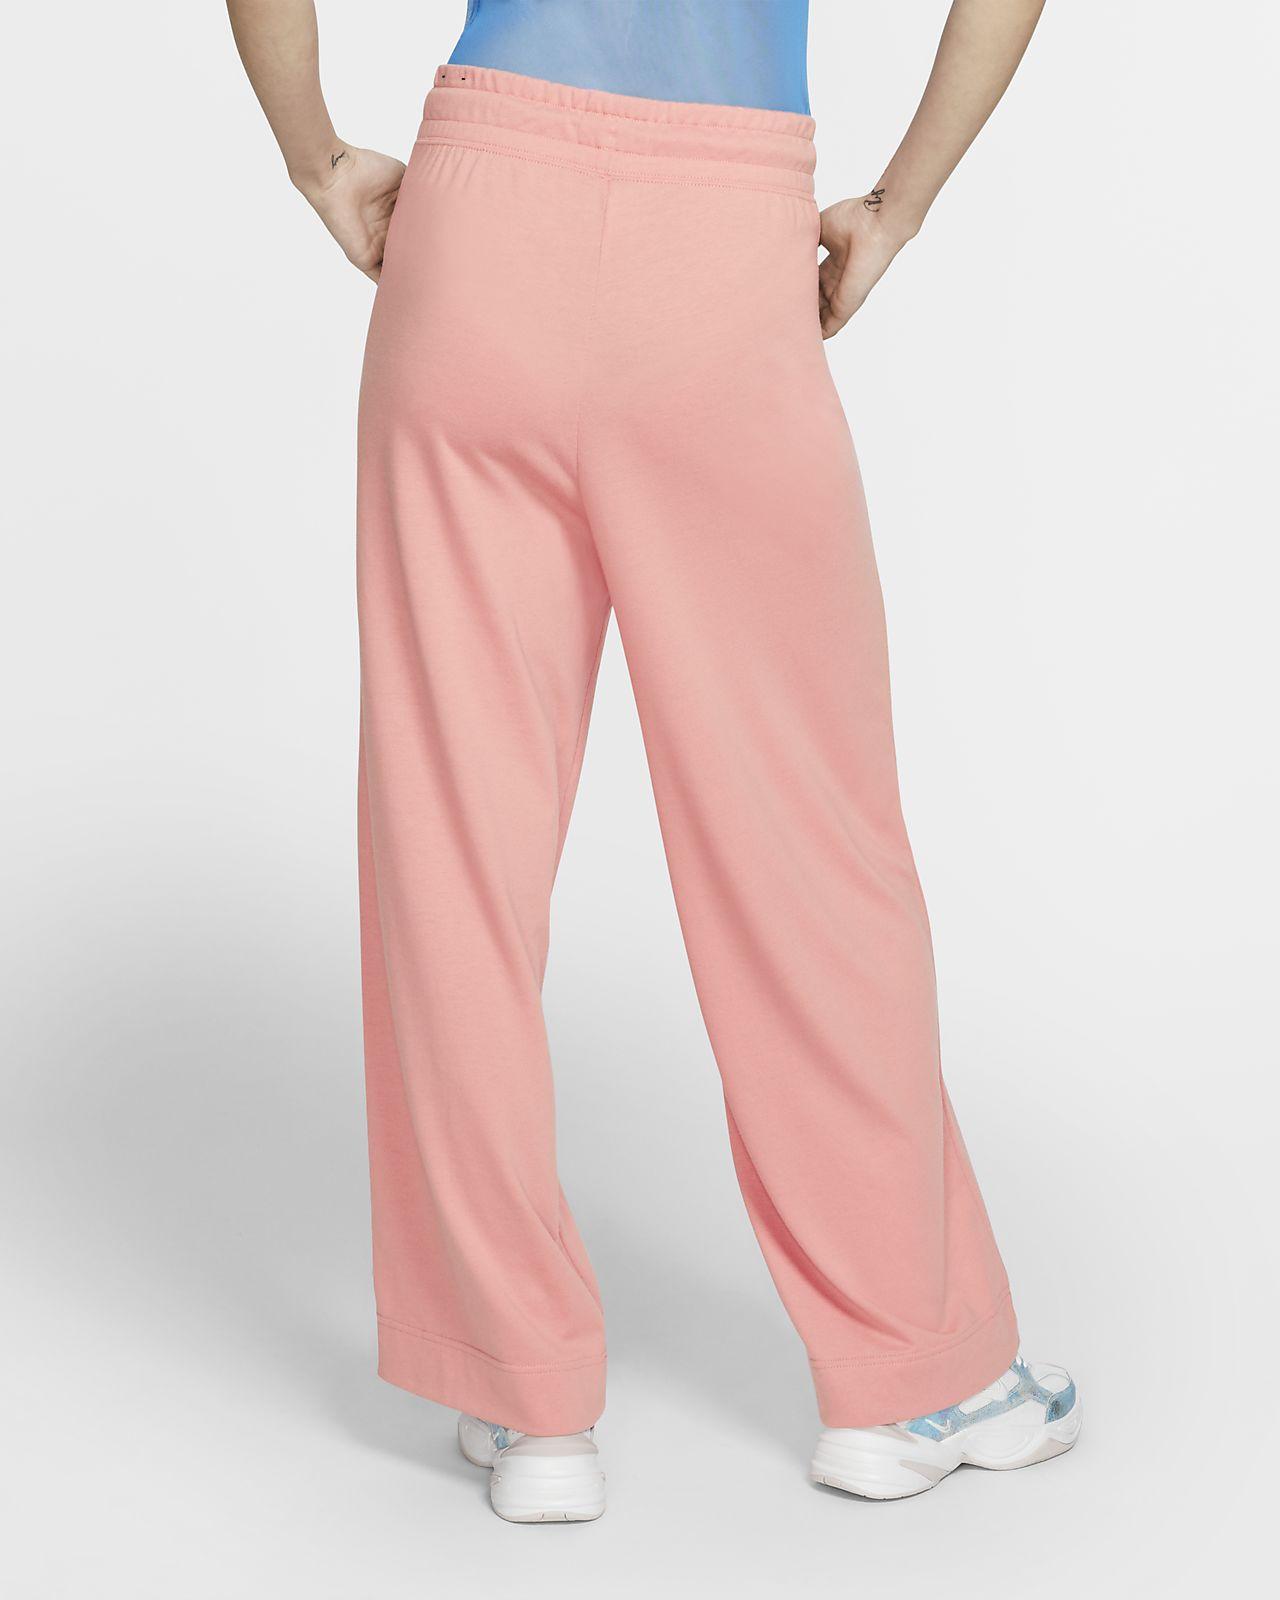 Nike Sportswear Jersey Hose für Damen